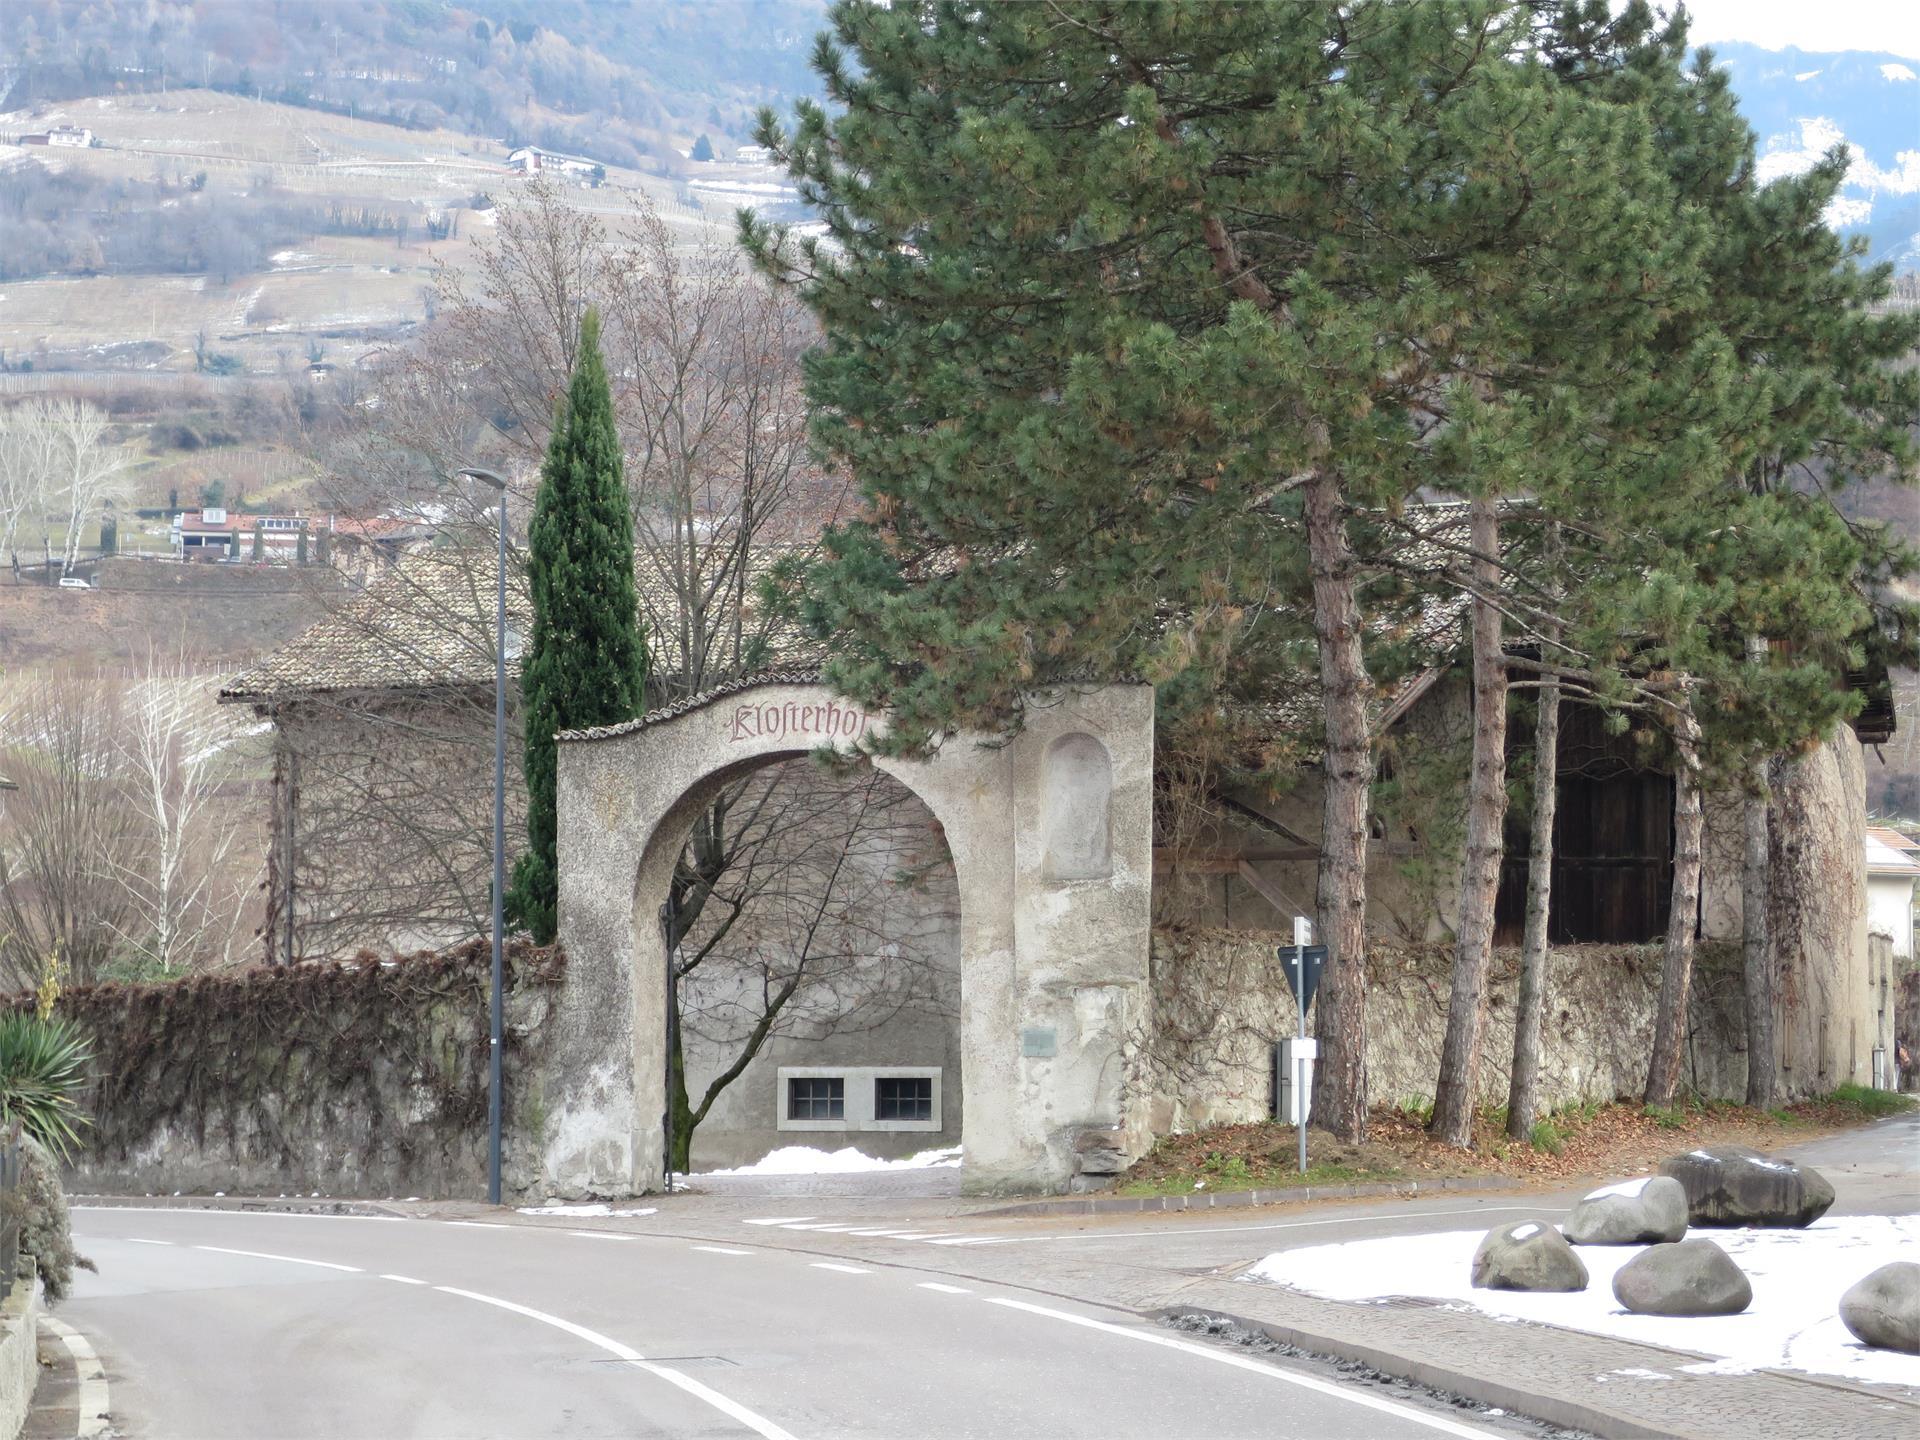 Klosterhof Vill